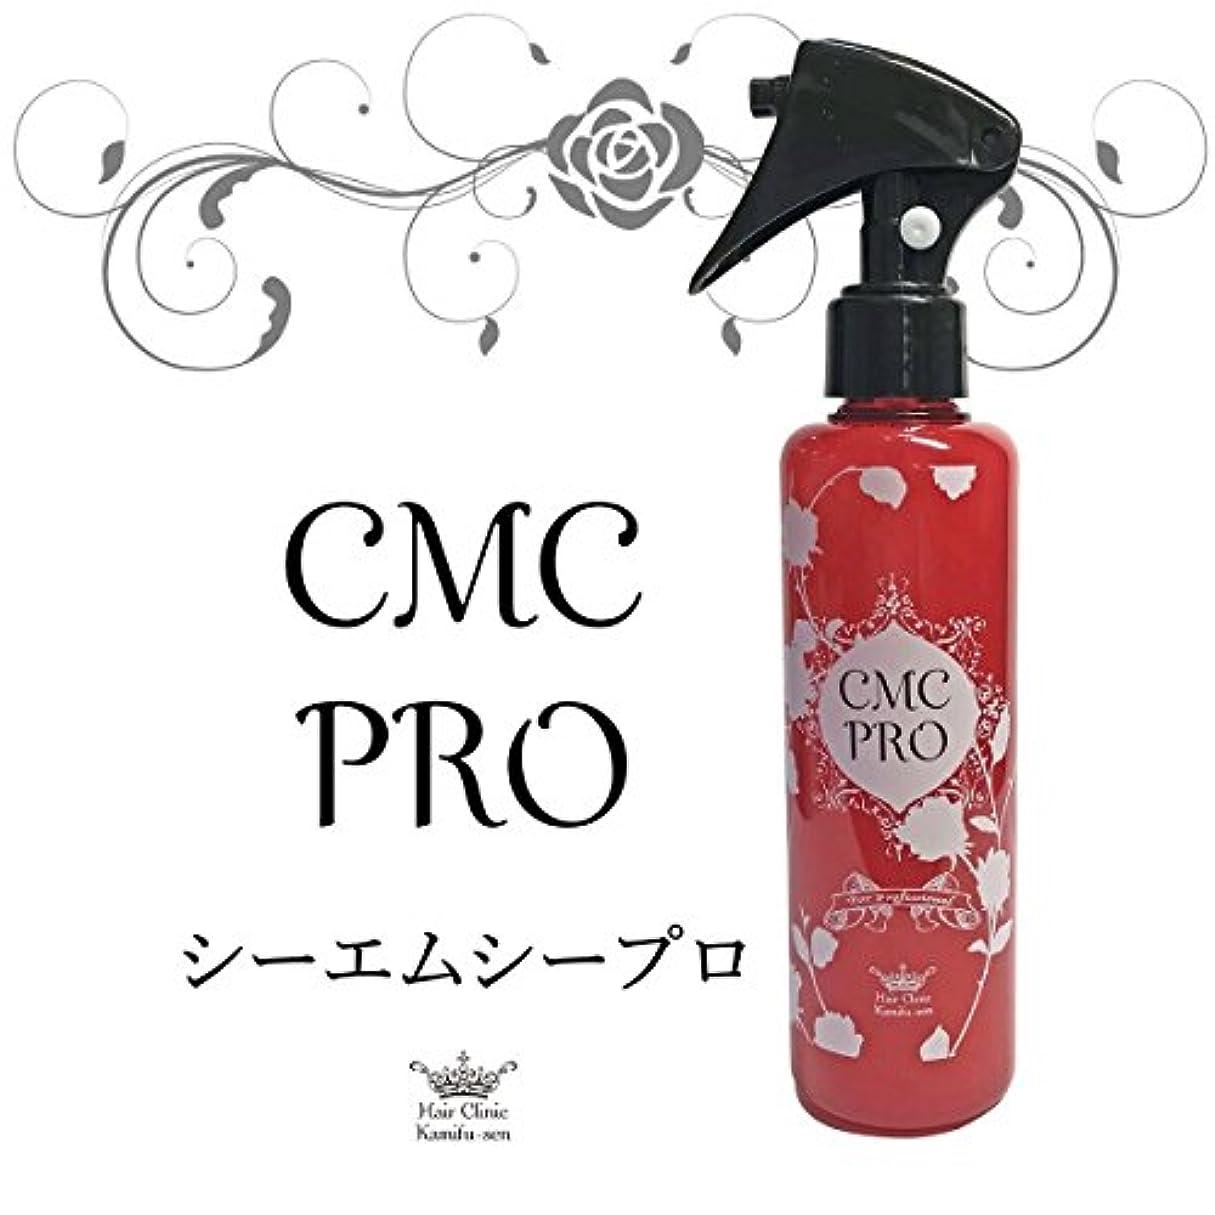 怠感振り返るサバントCMCプロ(200ml)(バサバサ髪もしっとり髪へ、ビビリ毛修正に最適)